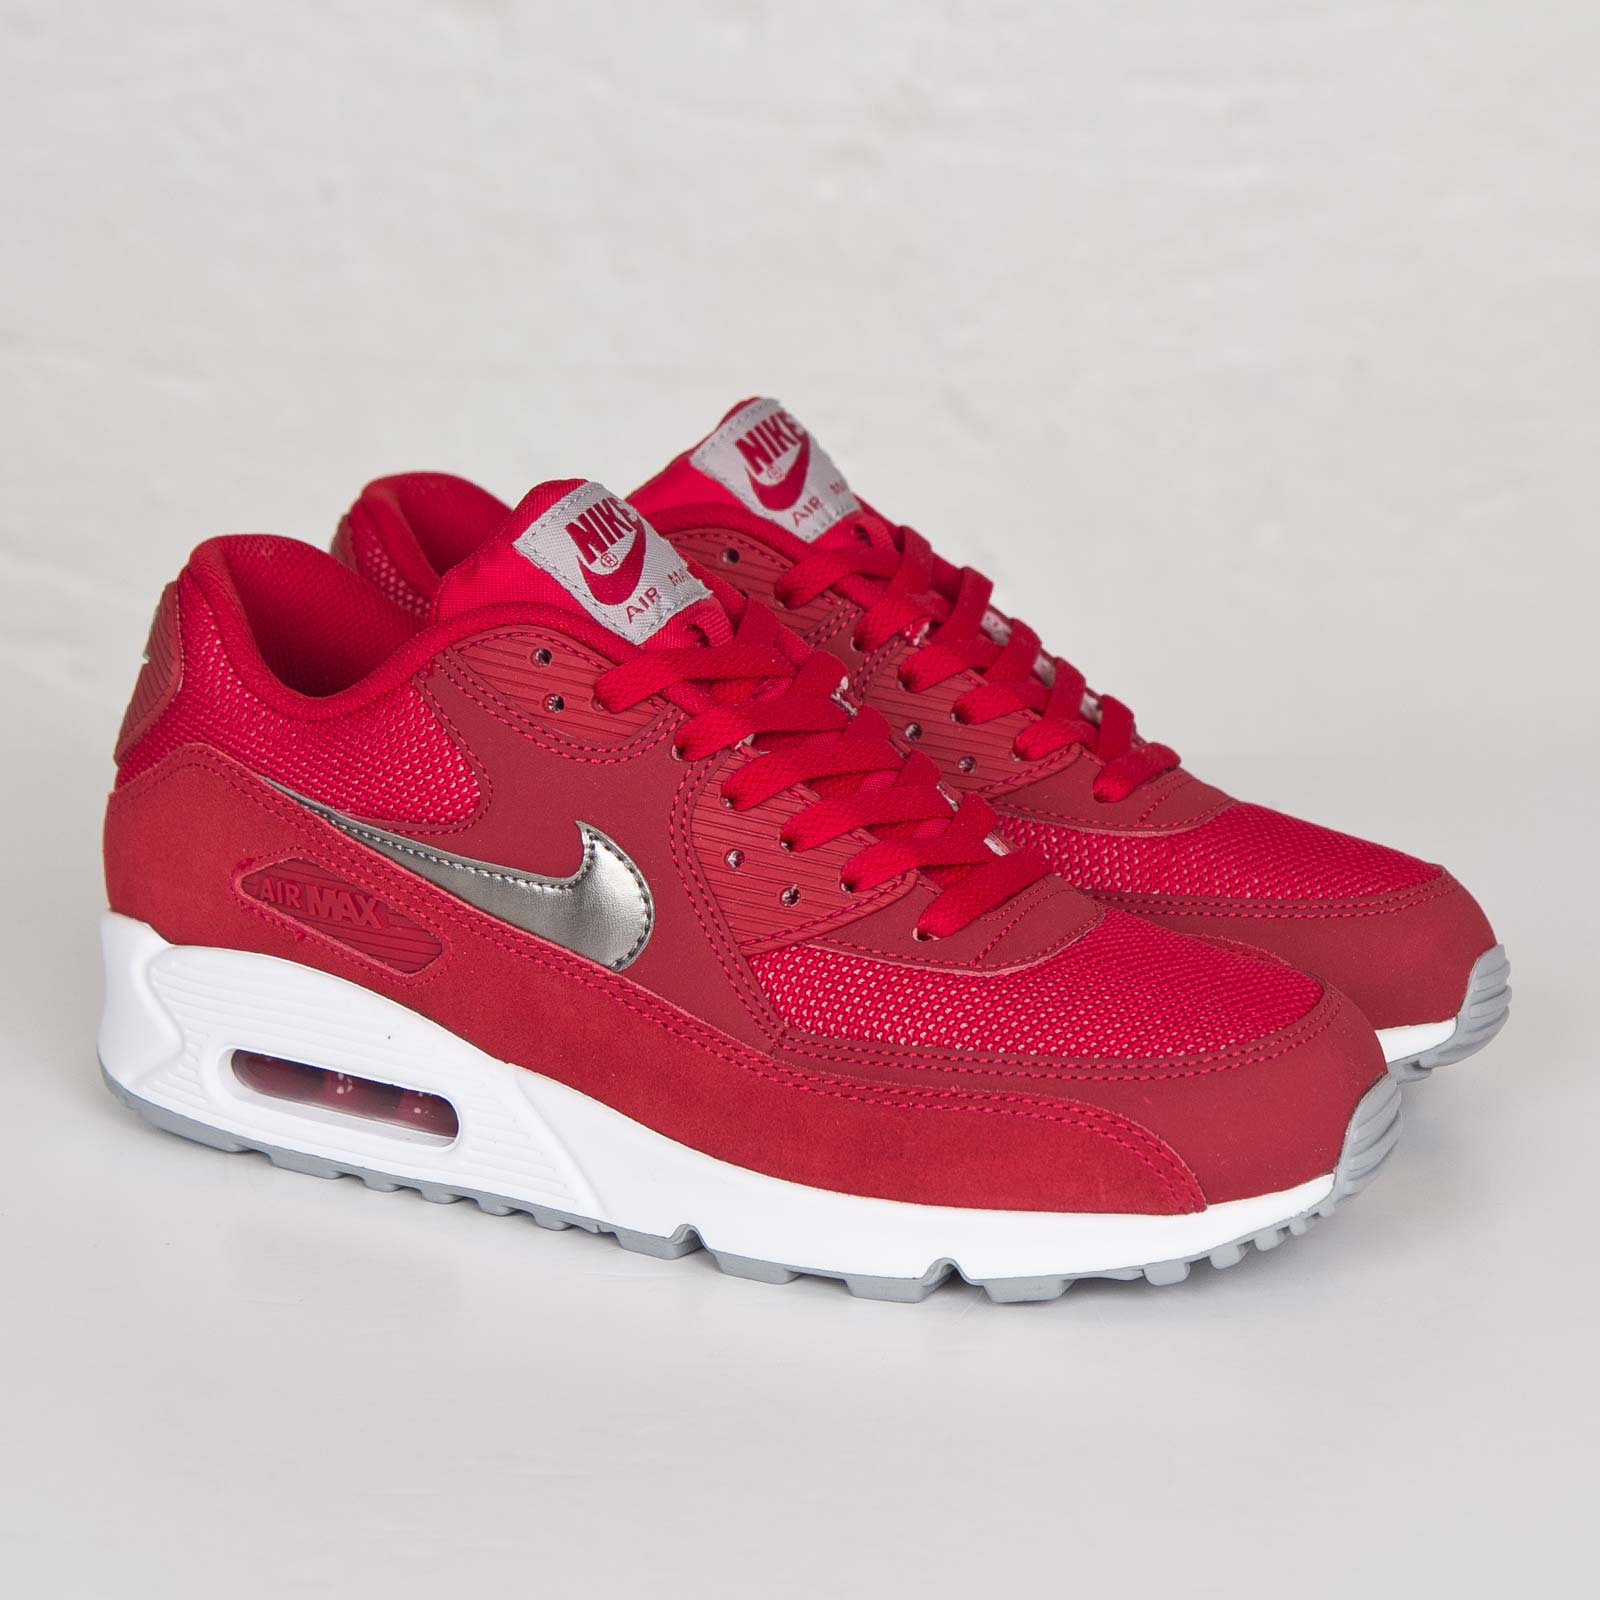 new style d0967 1ee56 Nike Air Max 90 Essential - 537384-602 - Sneakersnstuff | sneakers ...